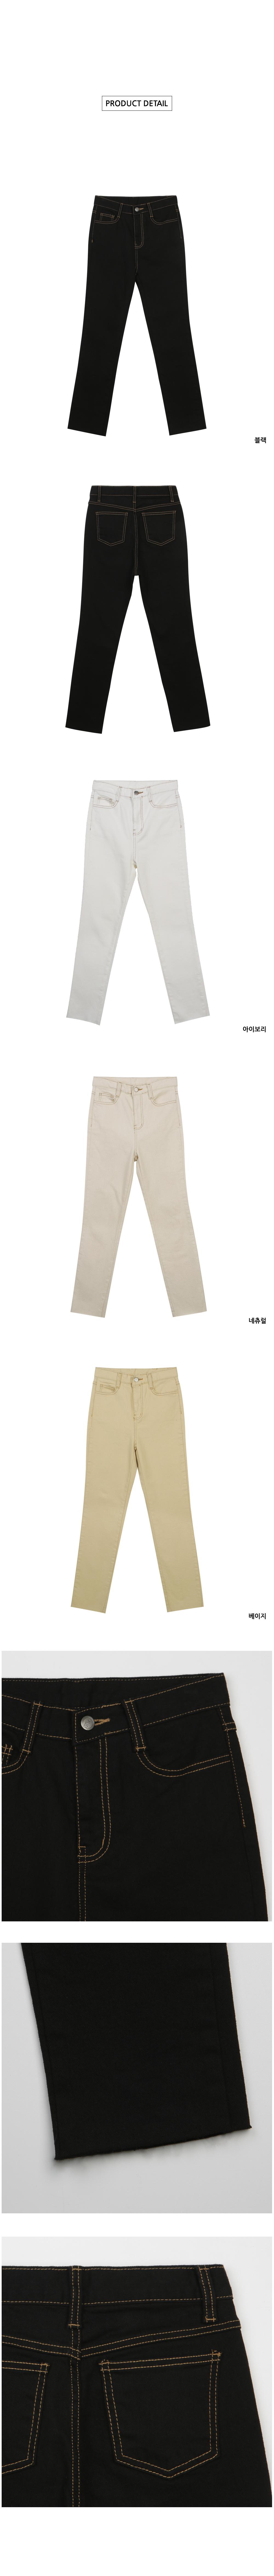 Romy stitch skinny jeans P#YW461